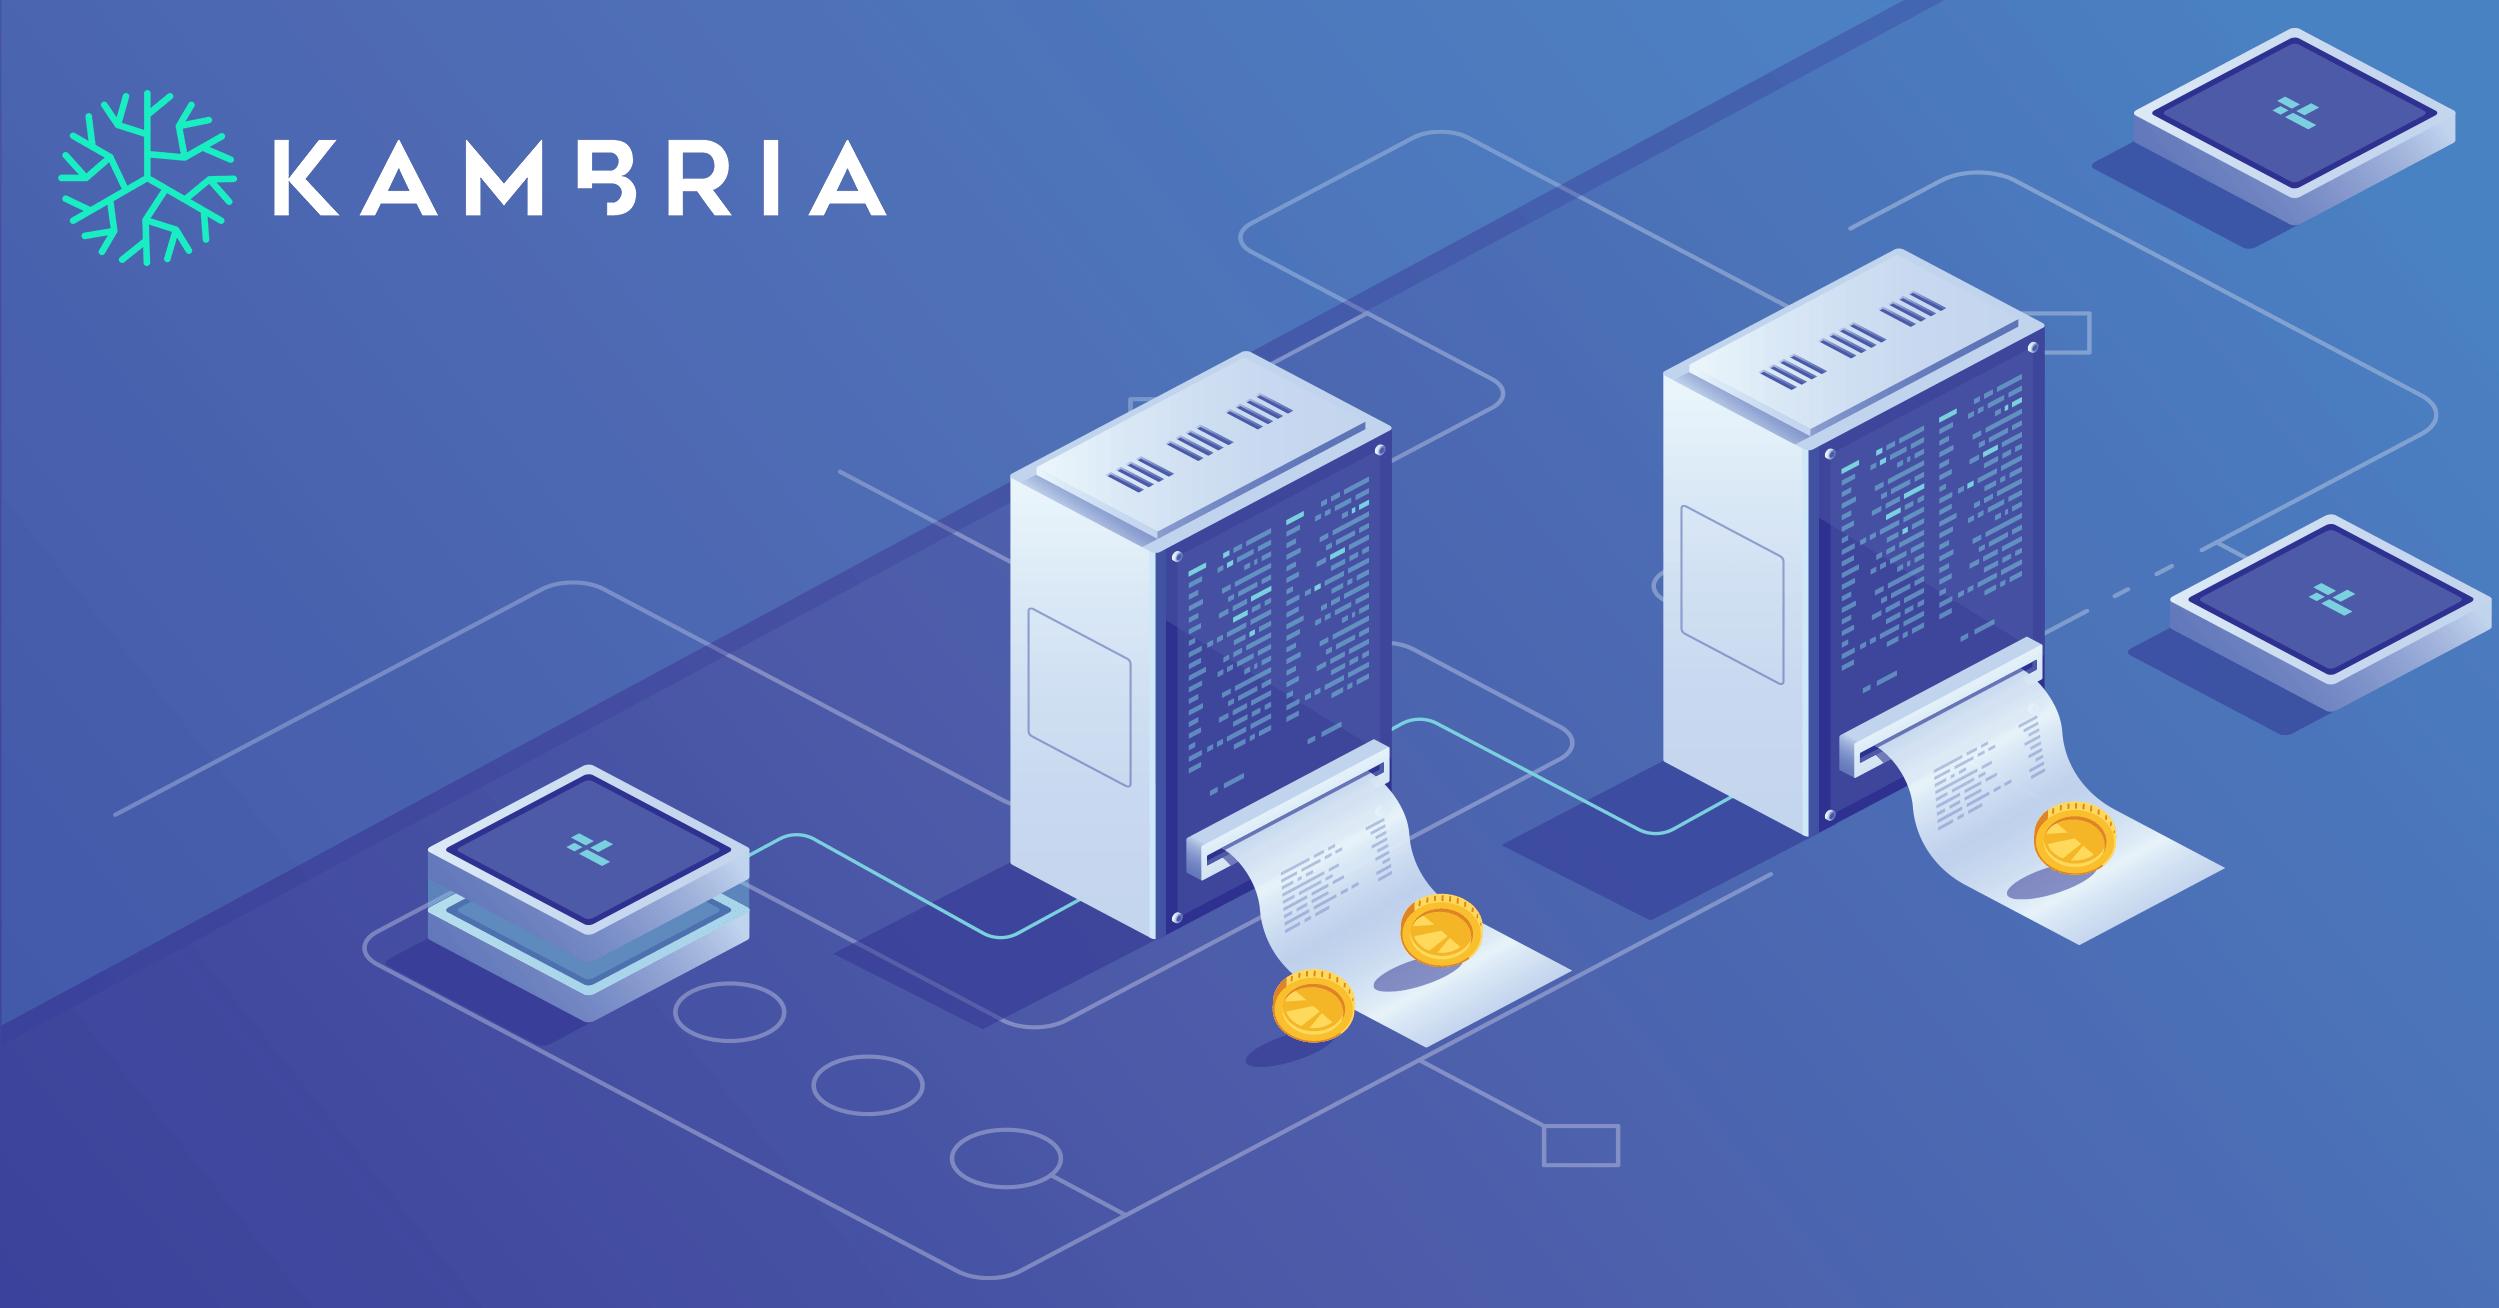 giá bitcoin: Kambria gửi đề xuất niêm yết KAT trên Binance DEX và thông tin hướng dẫn bầu chọn